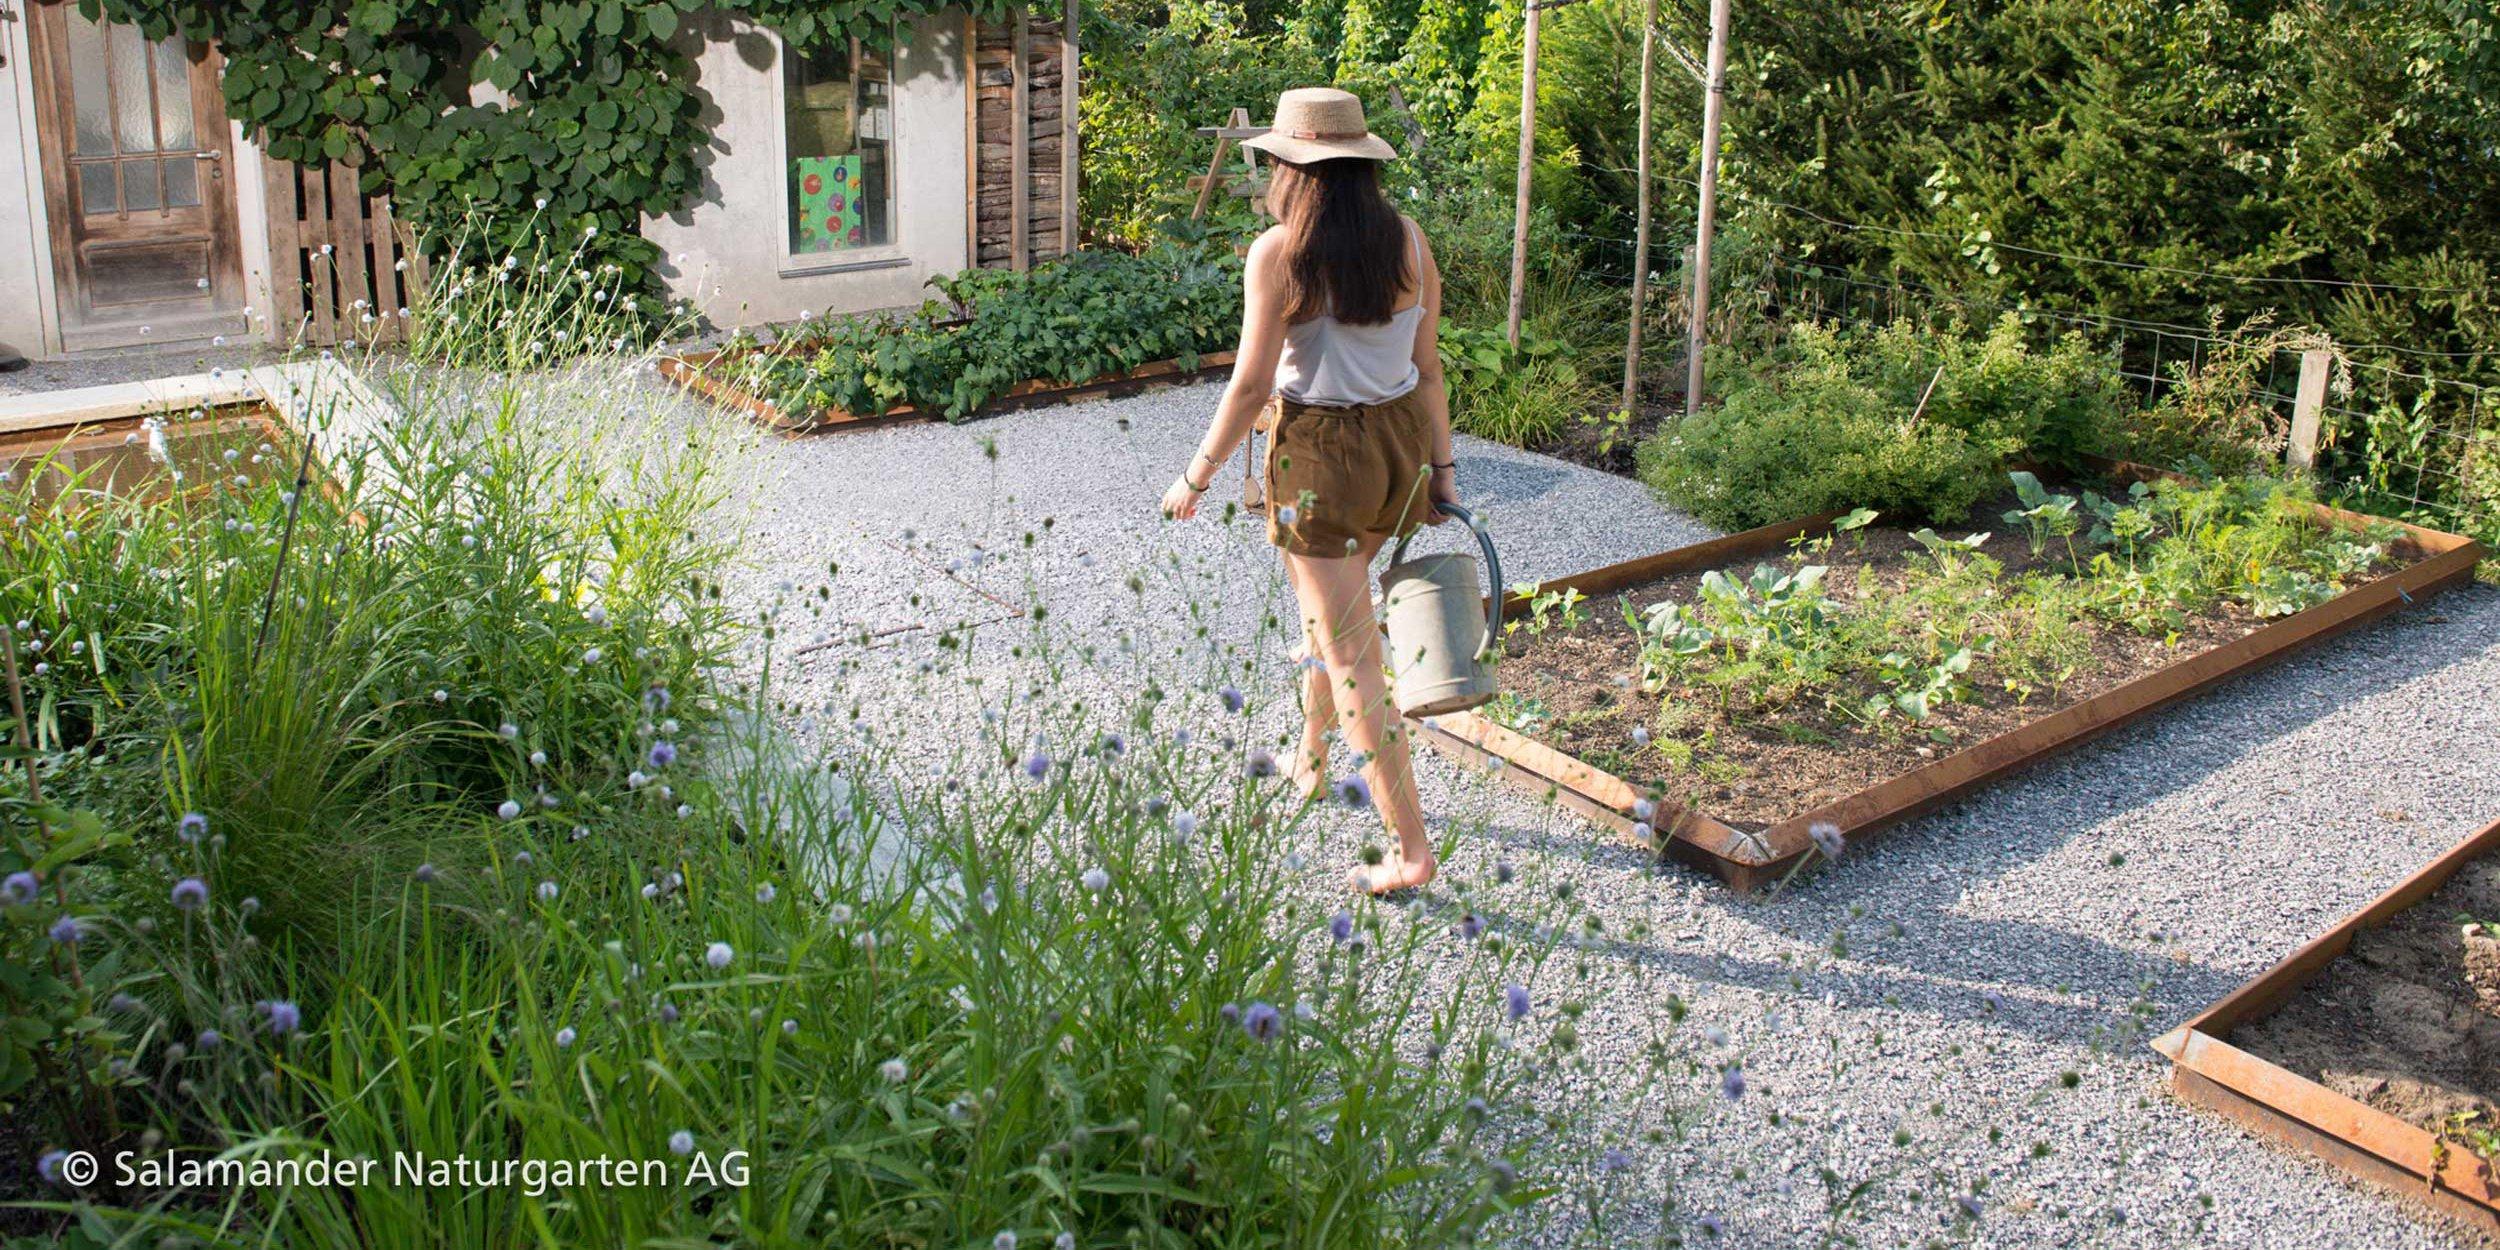 Gartenarbeiten, Nutzungsorte und eigene Ansichten